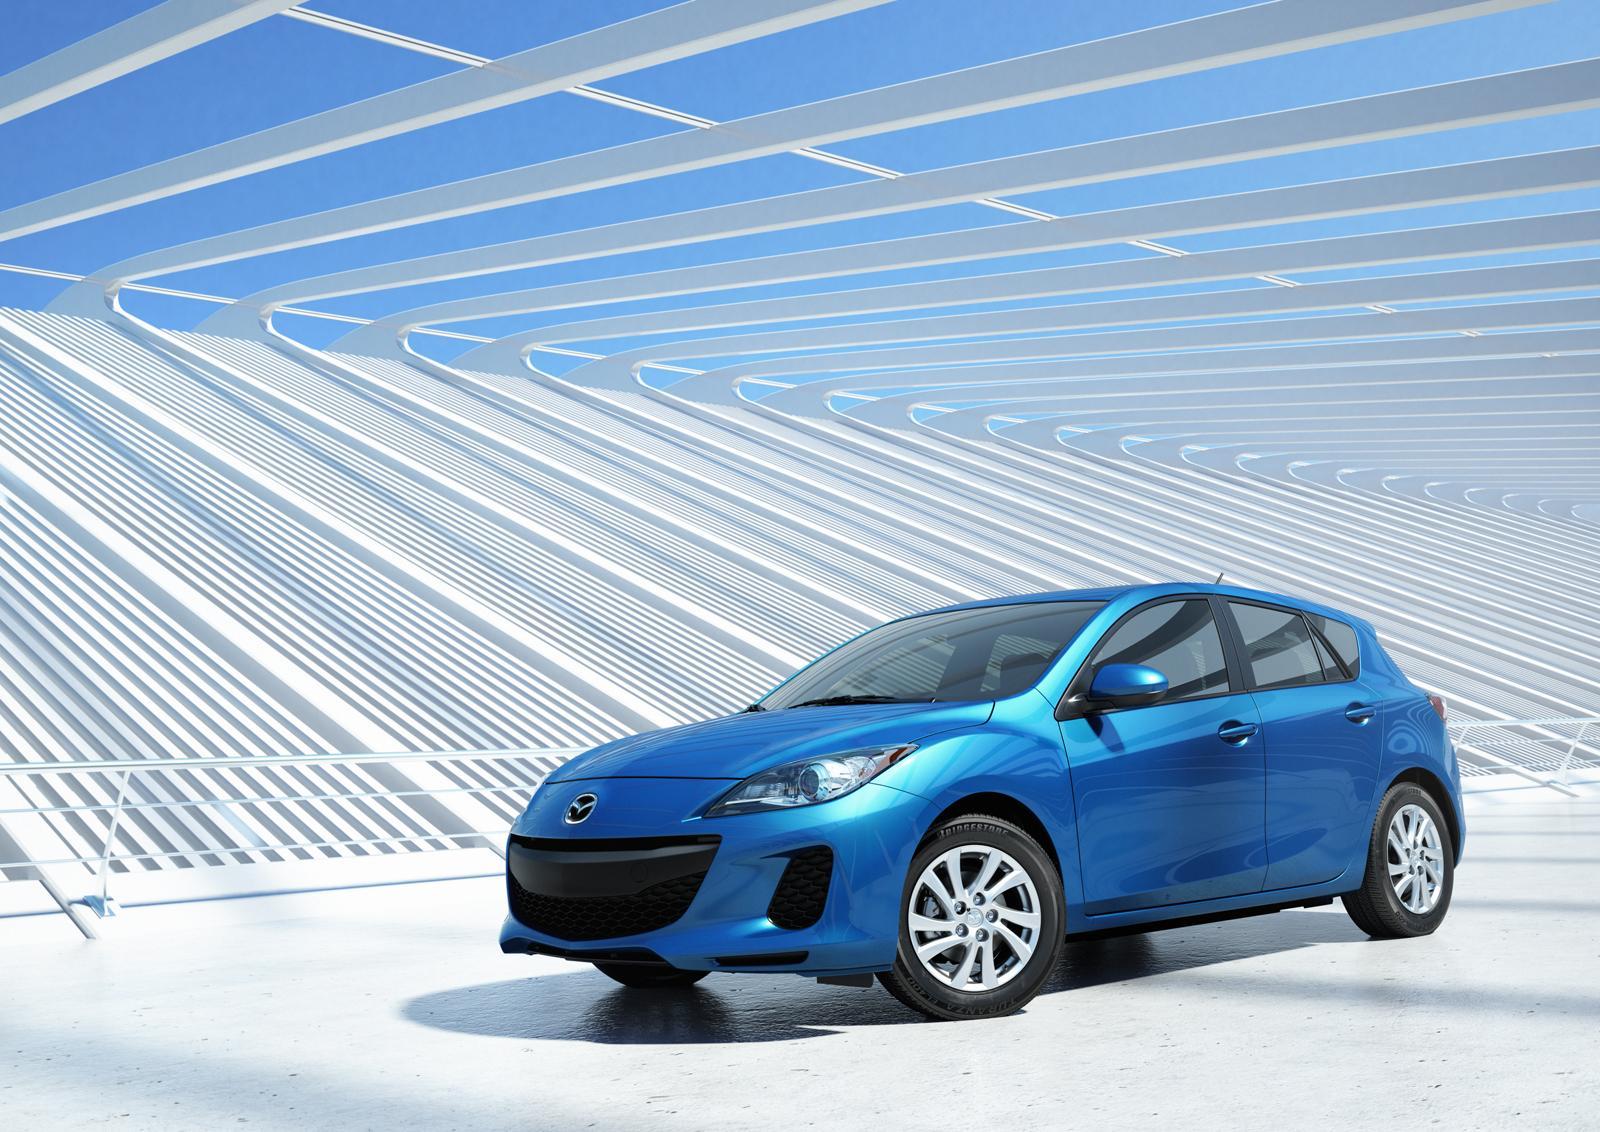 Amazing 2012 Mazda3